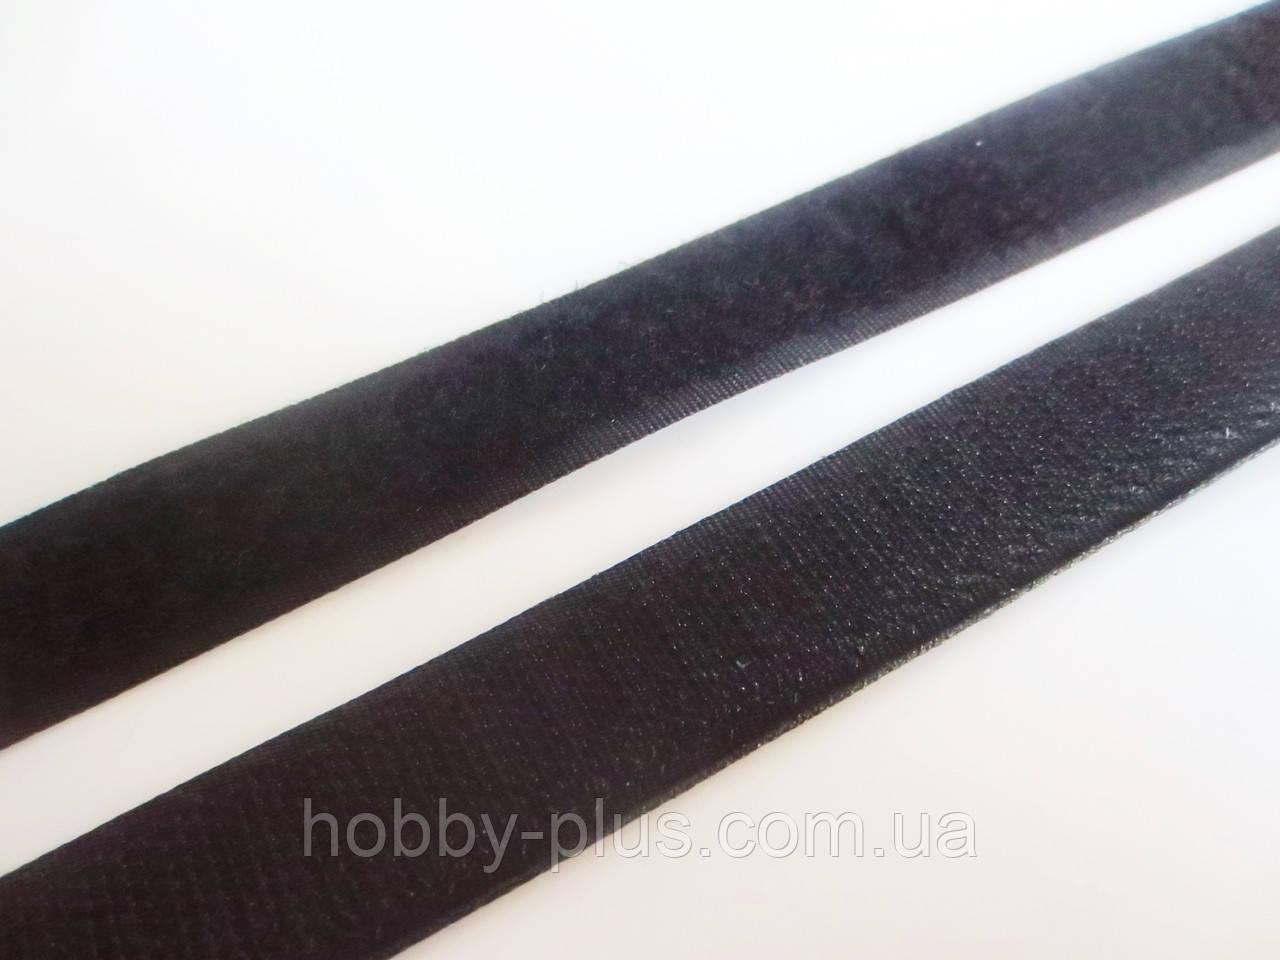 Лента-липучка, 20 мм, цвет черный, 20 см